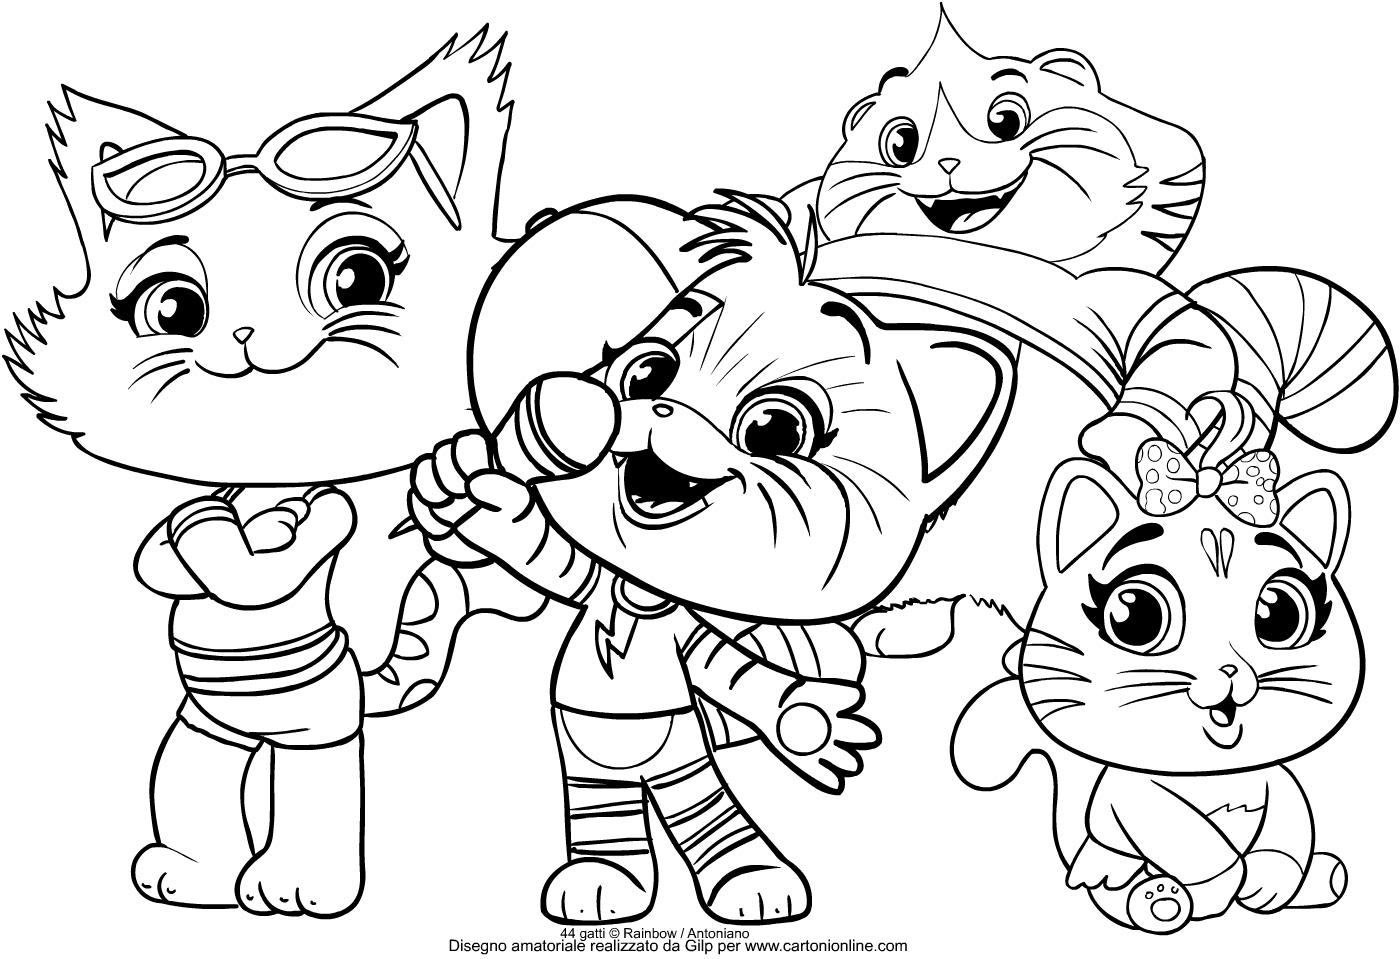 Disegno del gruppo dei Buffycats dei 44 gatti da stampare e colorare